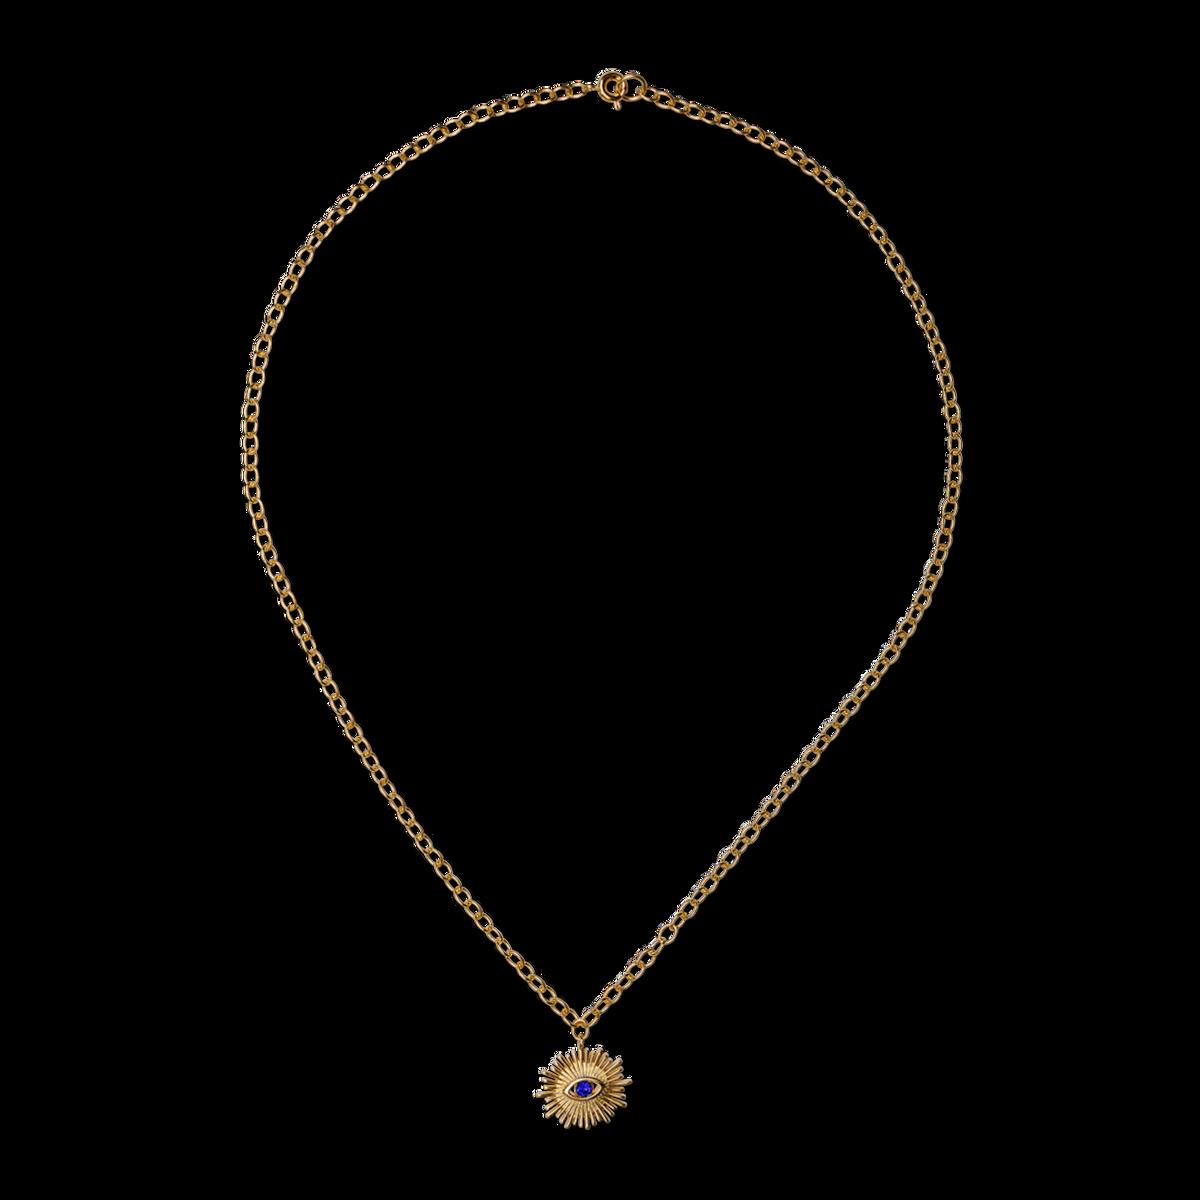 The Mirador Necklace